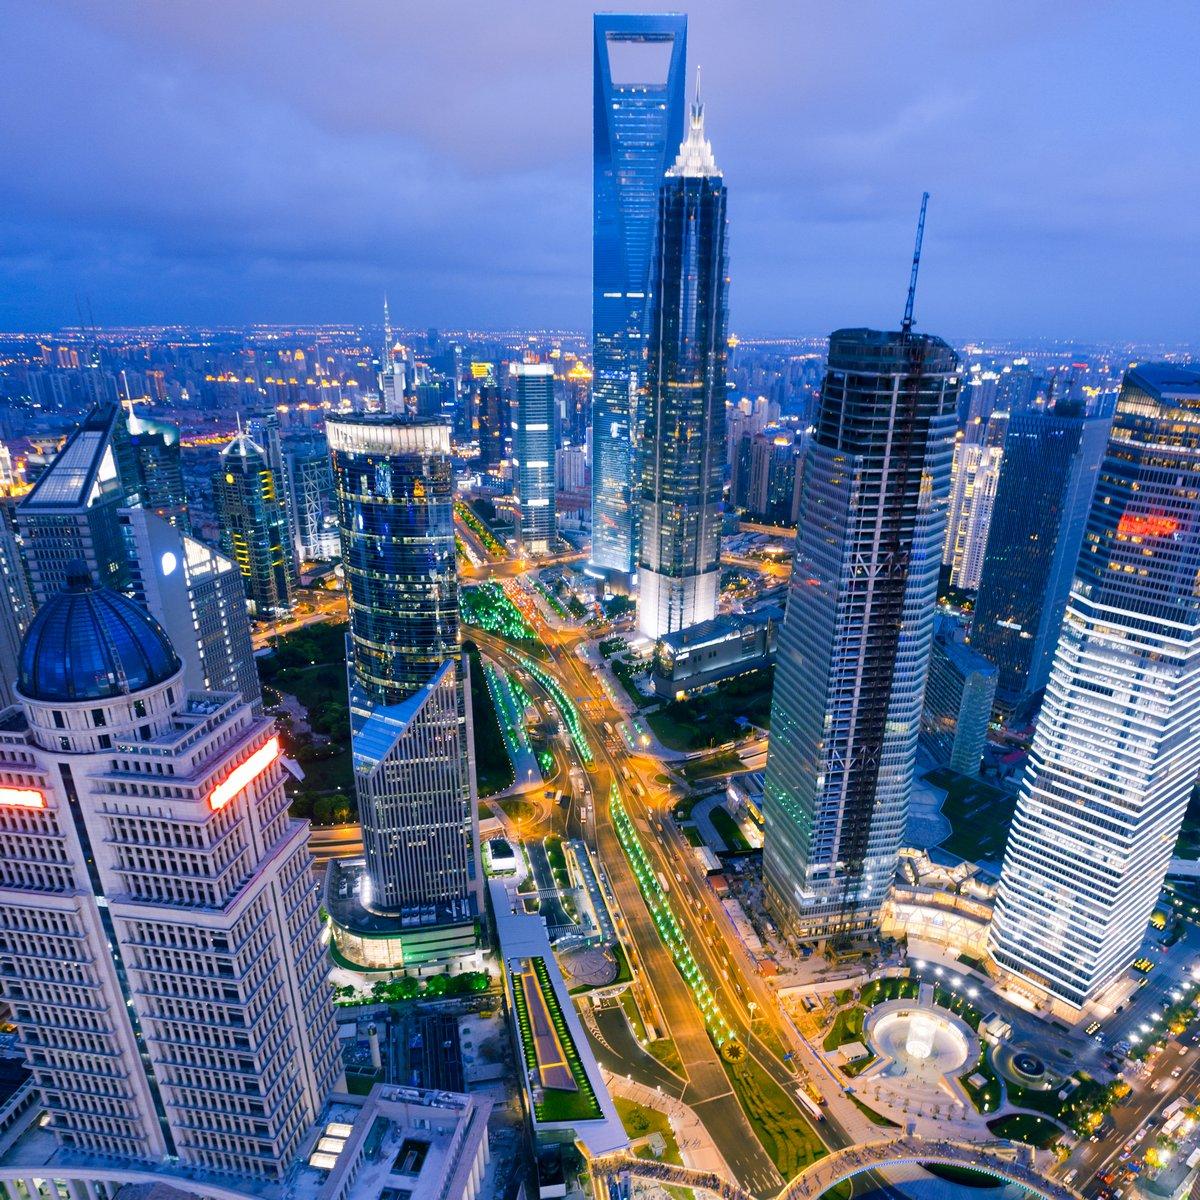 """Постер Города и карты """"Шанхай"""", 20x20 см, на бумаге от Artwall"""